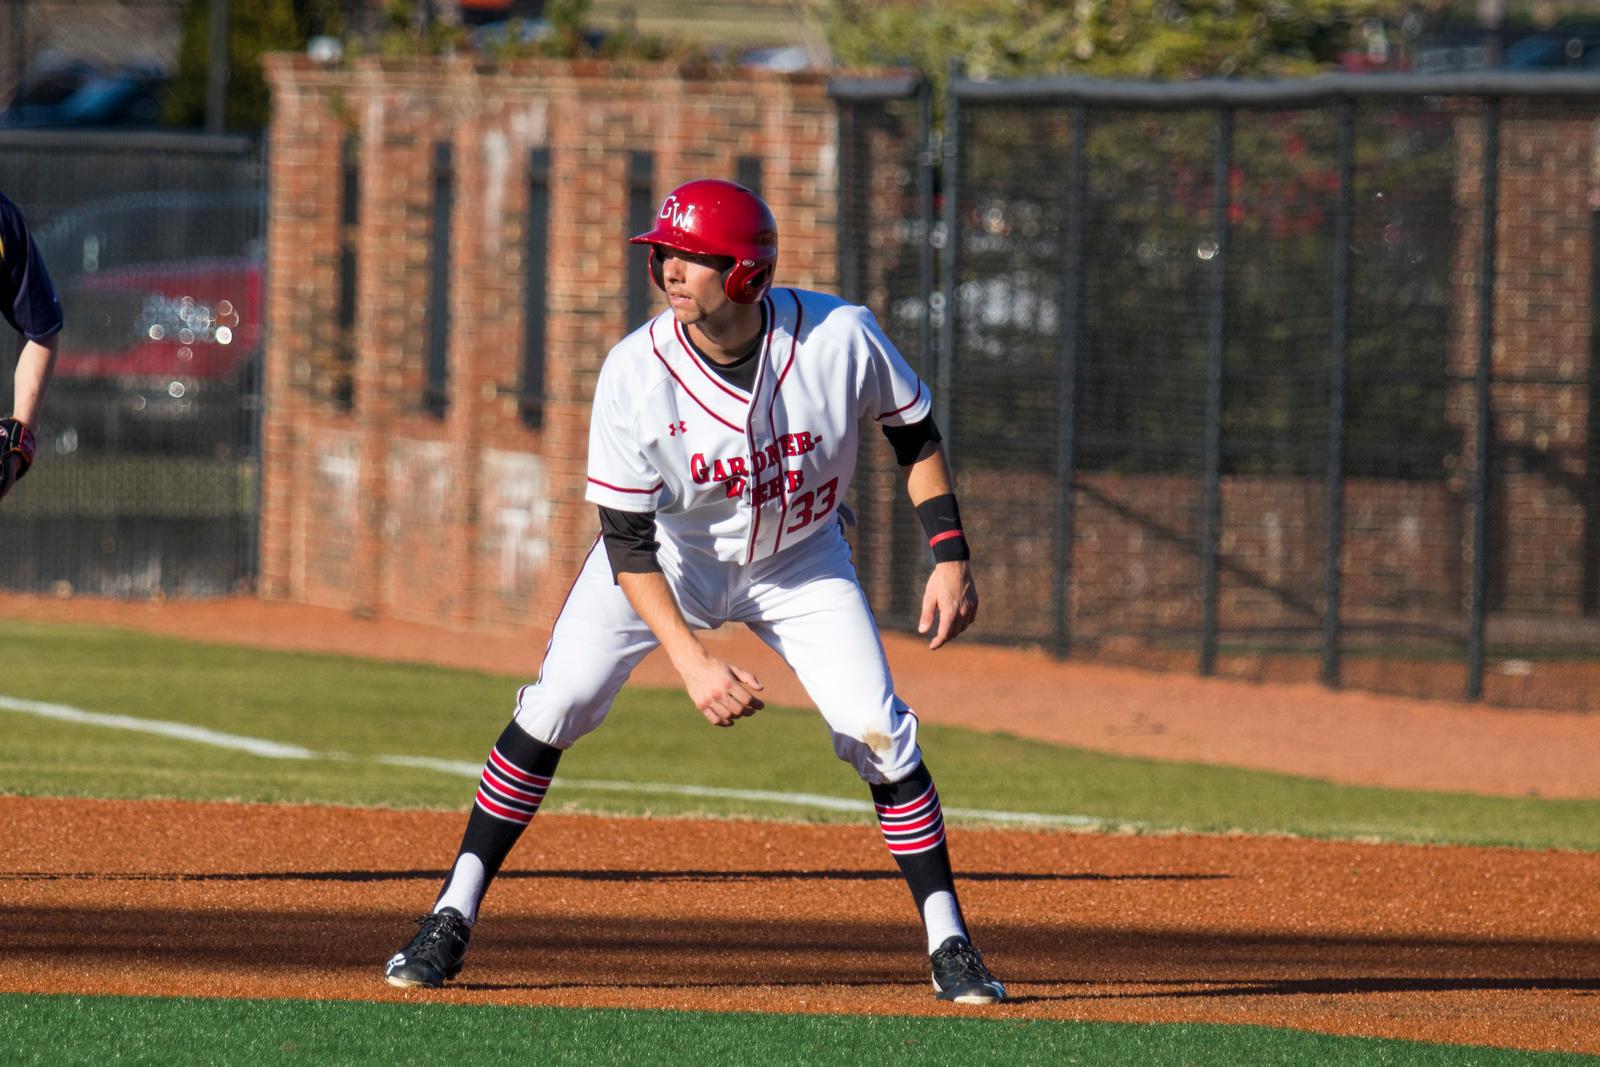 Men's baseball, baseball, Canisius, photo by Ryan Gunter